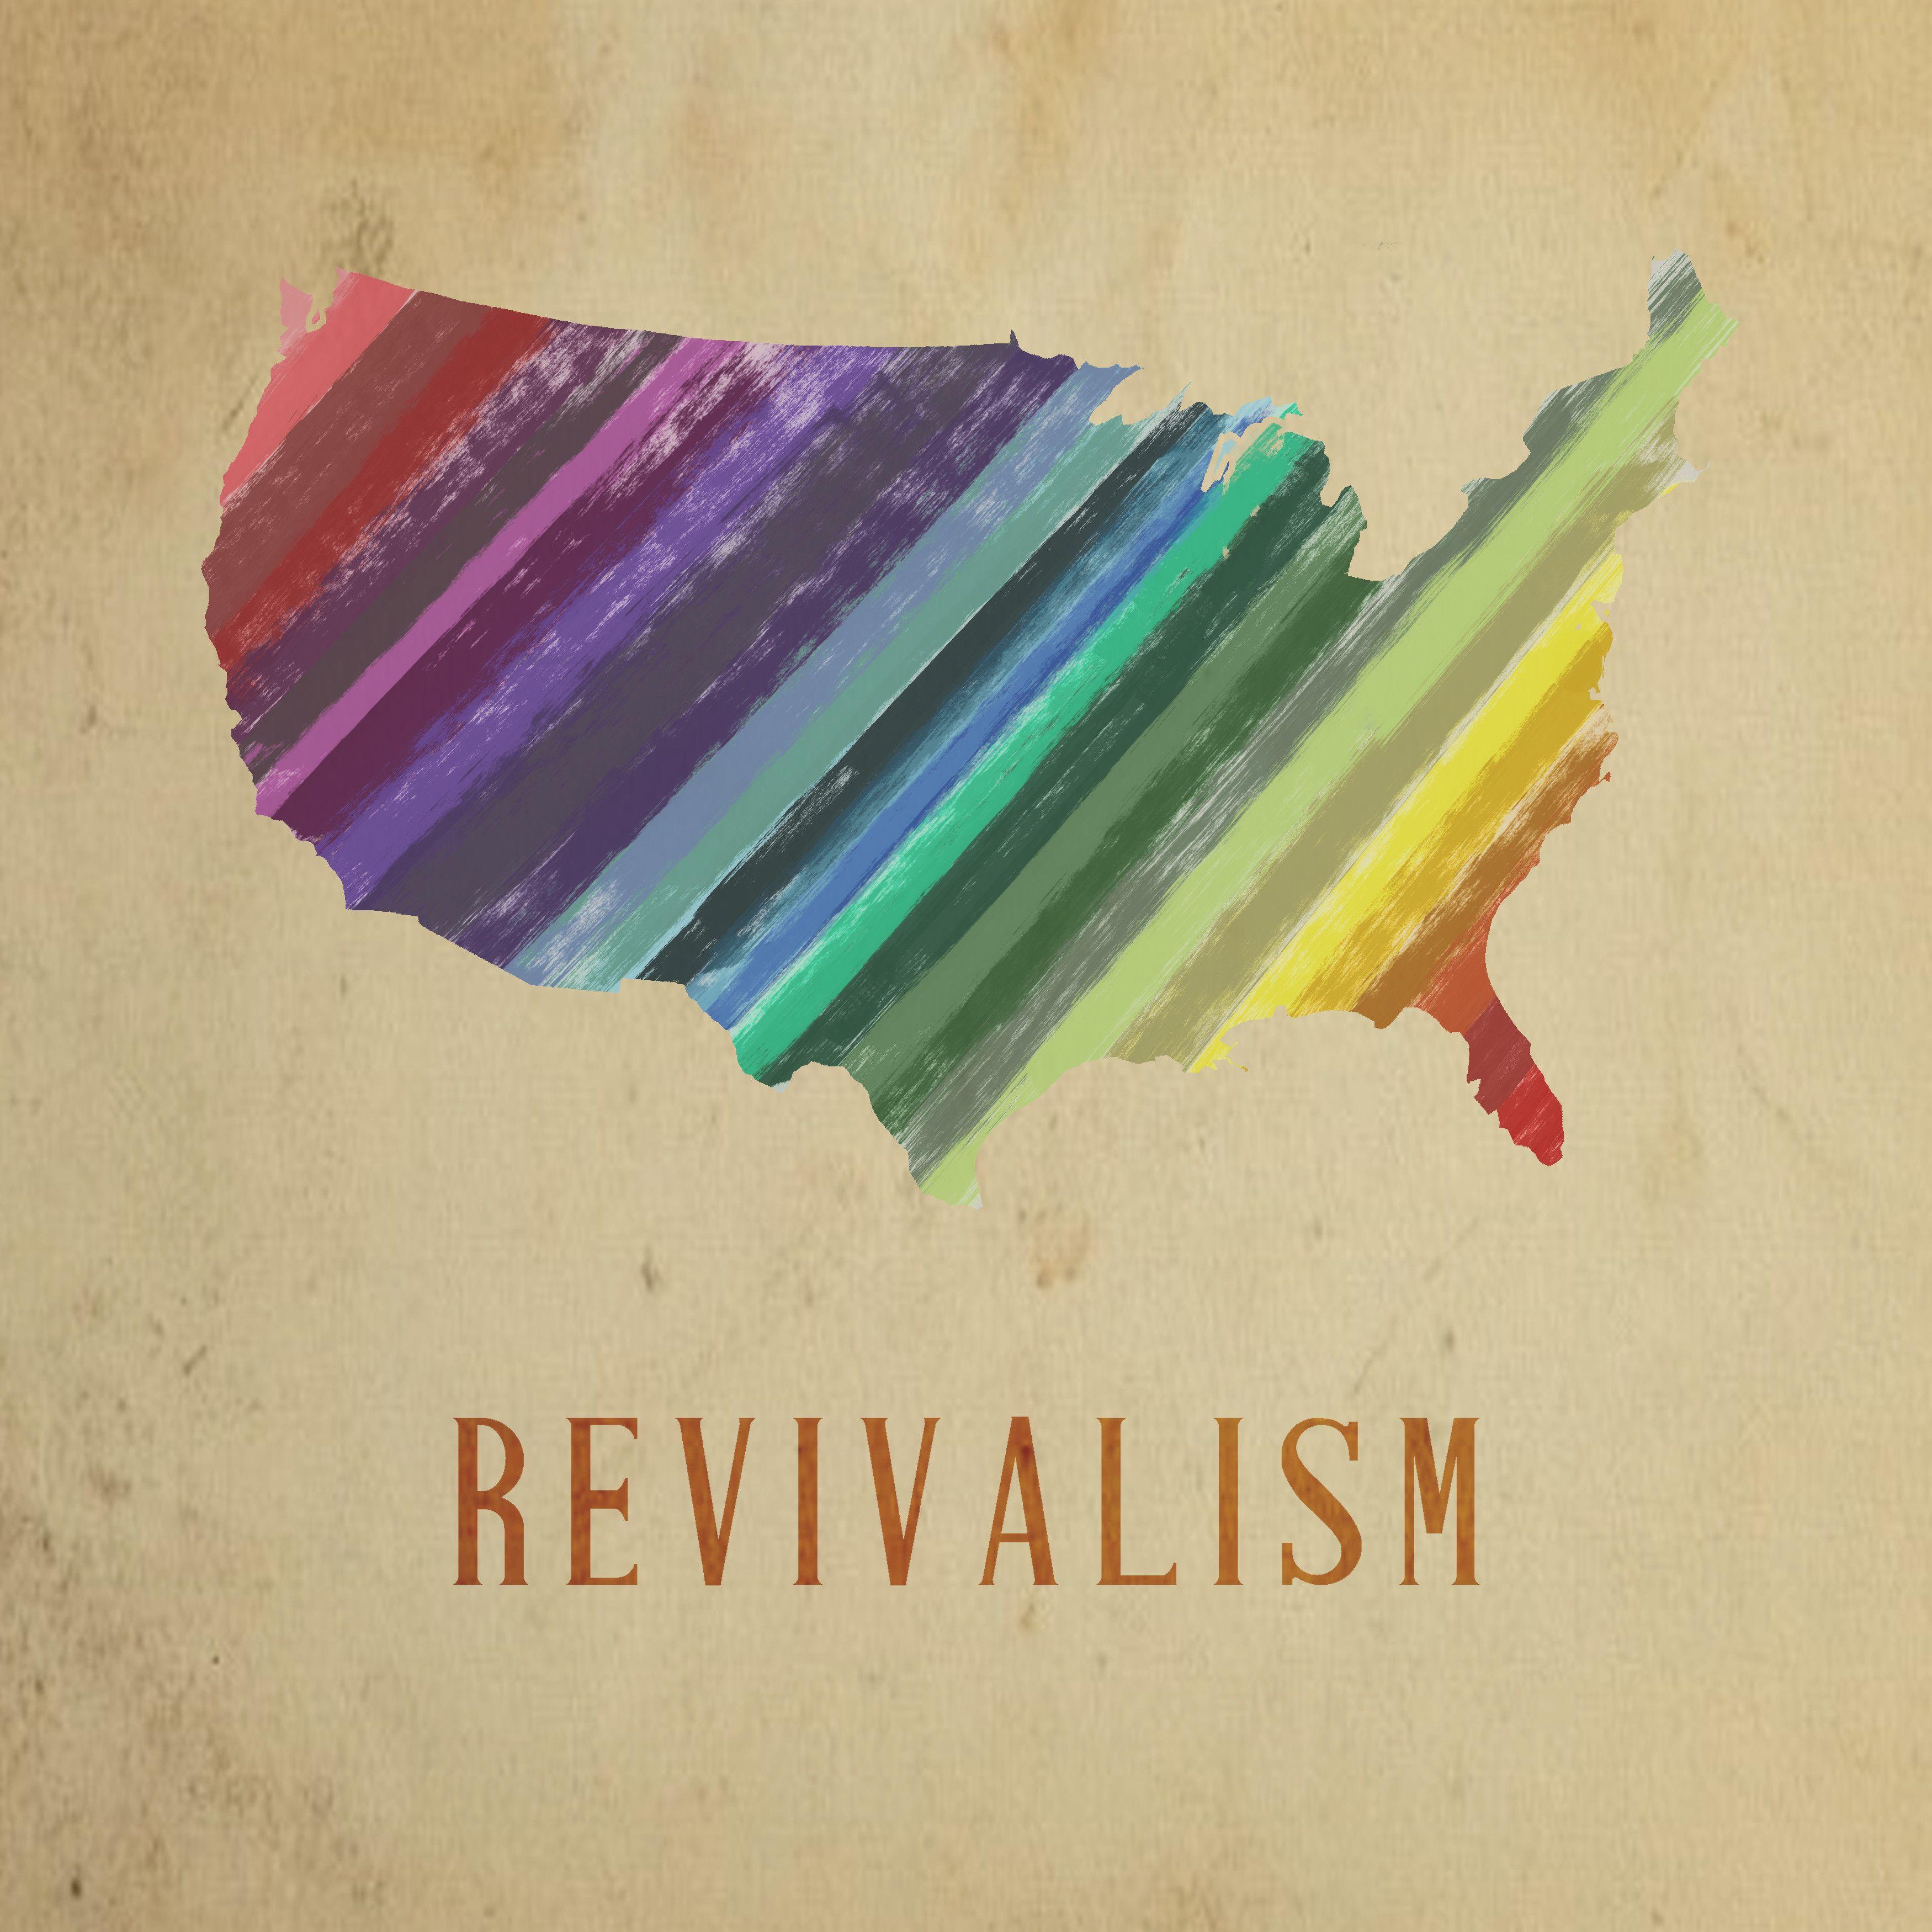 Revivalism